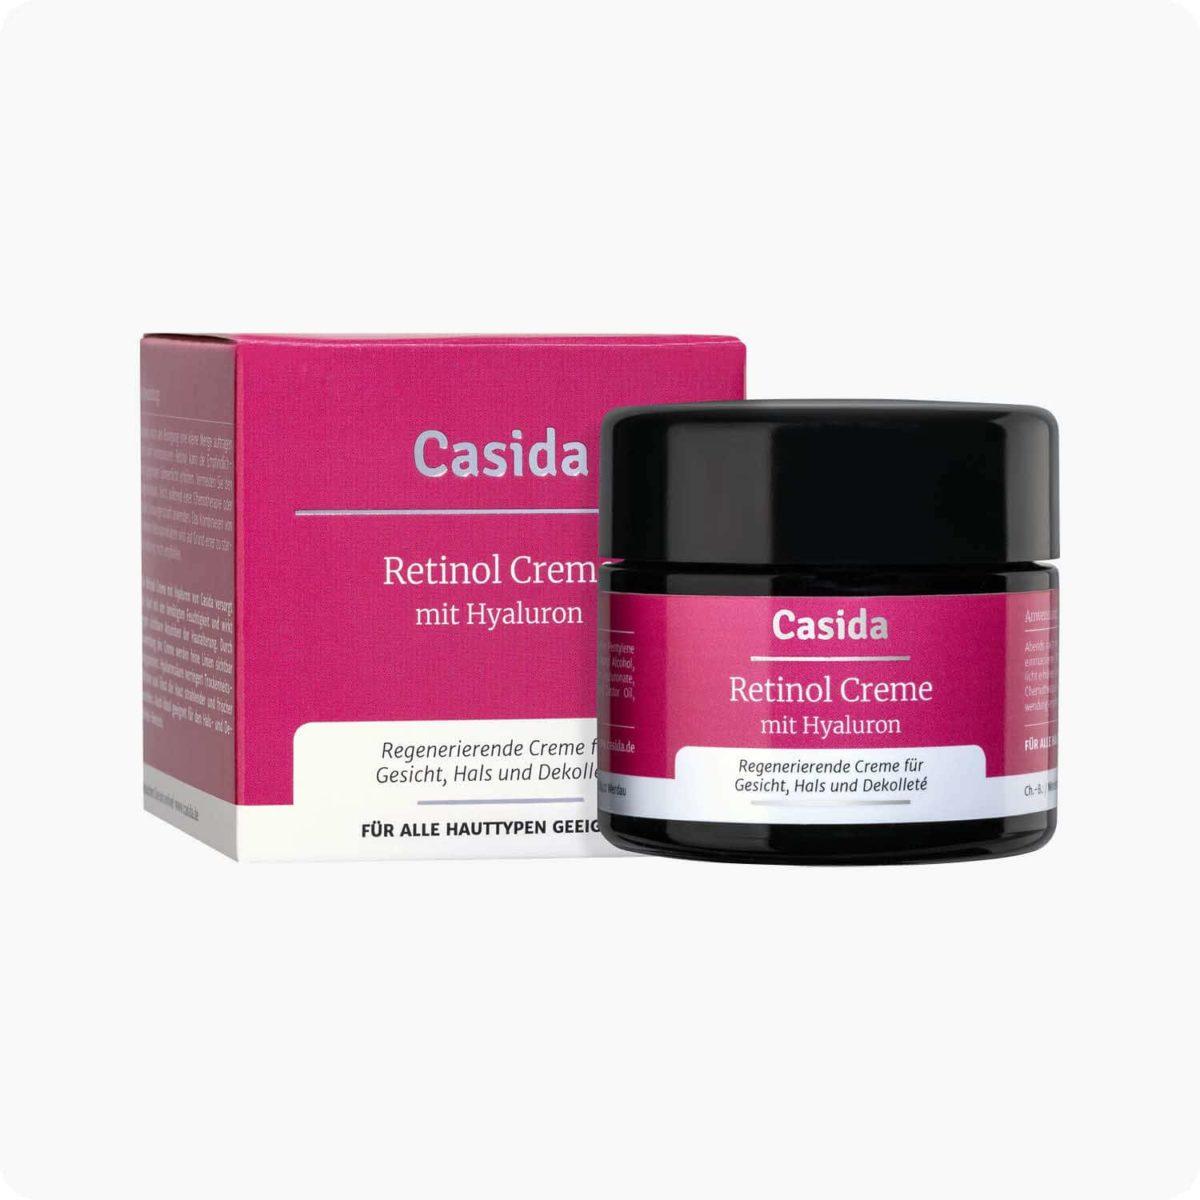 Casida Retinol Creme + Hyaluron 50 ml PZN DE 15408244 PZN AT 5081658 PZN CH 7779585 UVP 24,95 € EAN 4260518460376 Apotheke